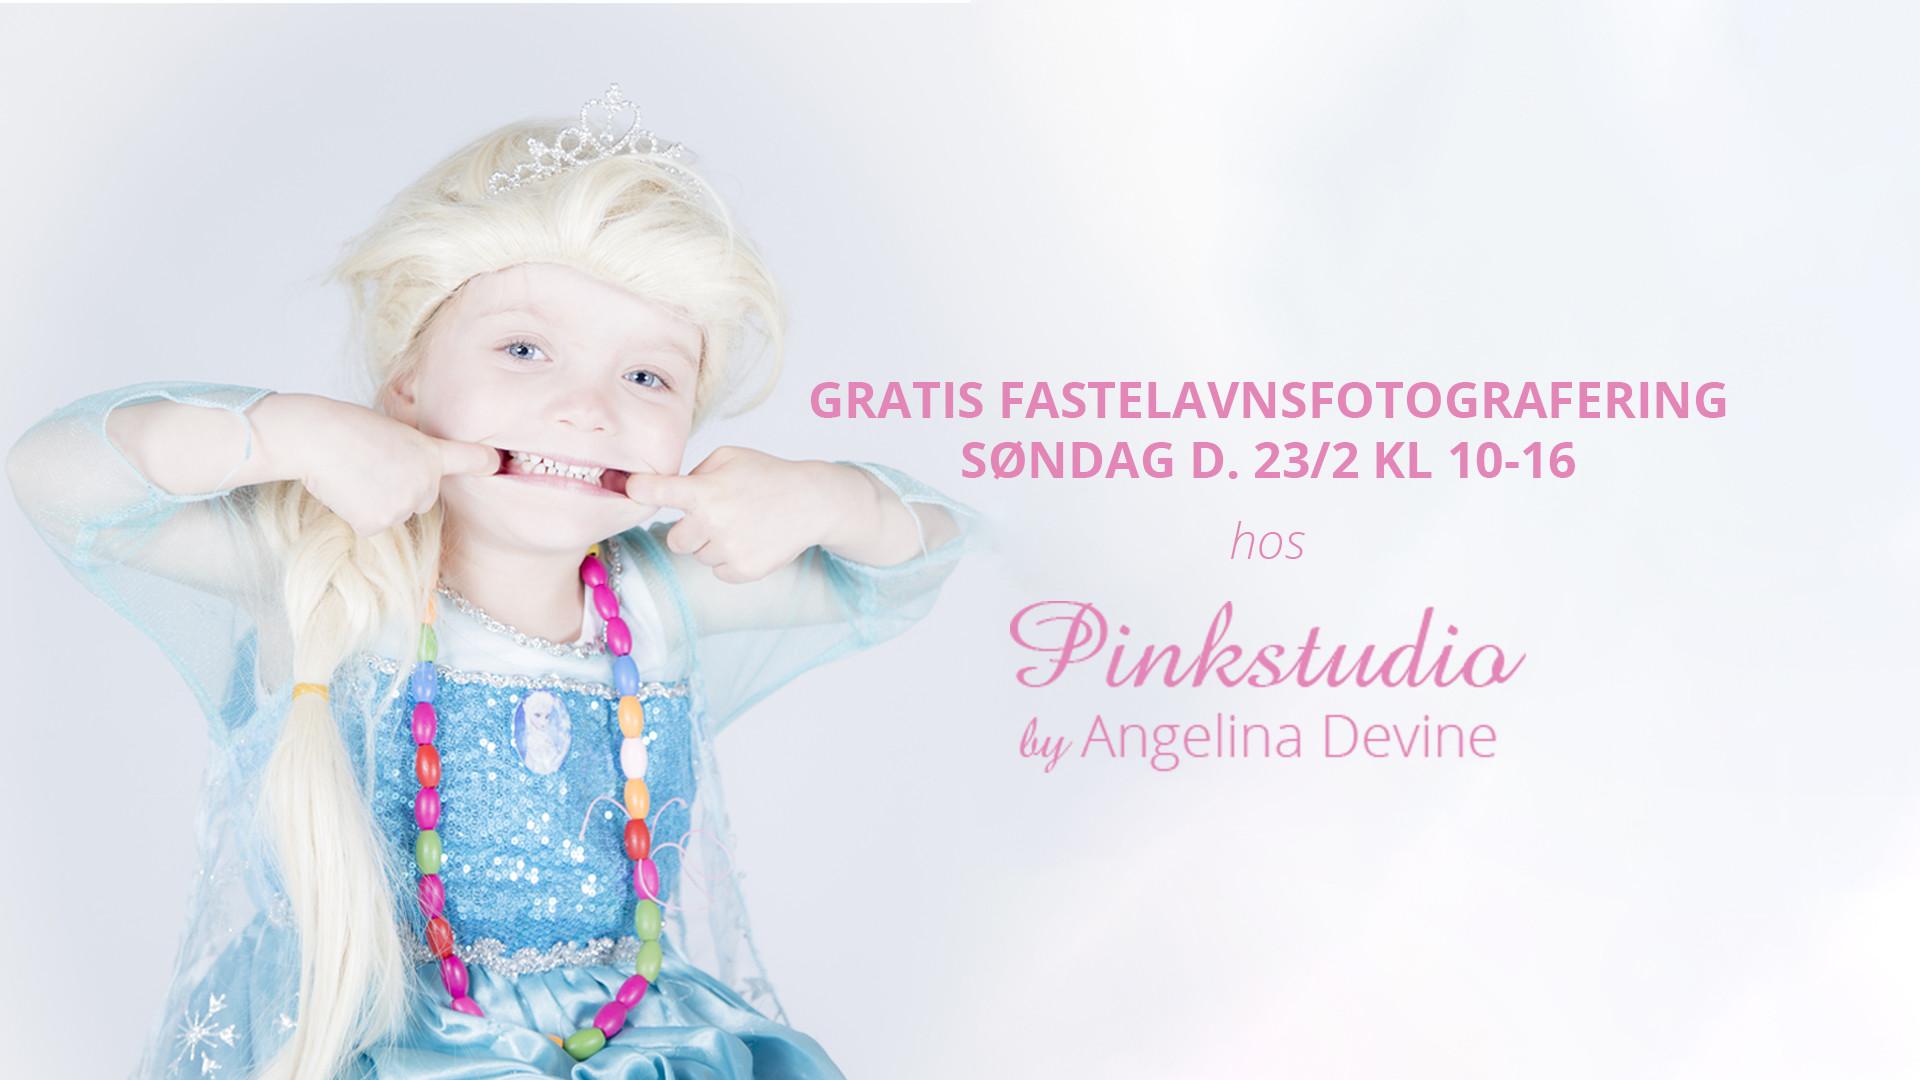 Pinkstudio by Angelina Devine cover GRATIS fastelavn fotografering Børn Nyheder Tilbud